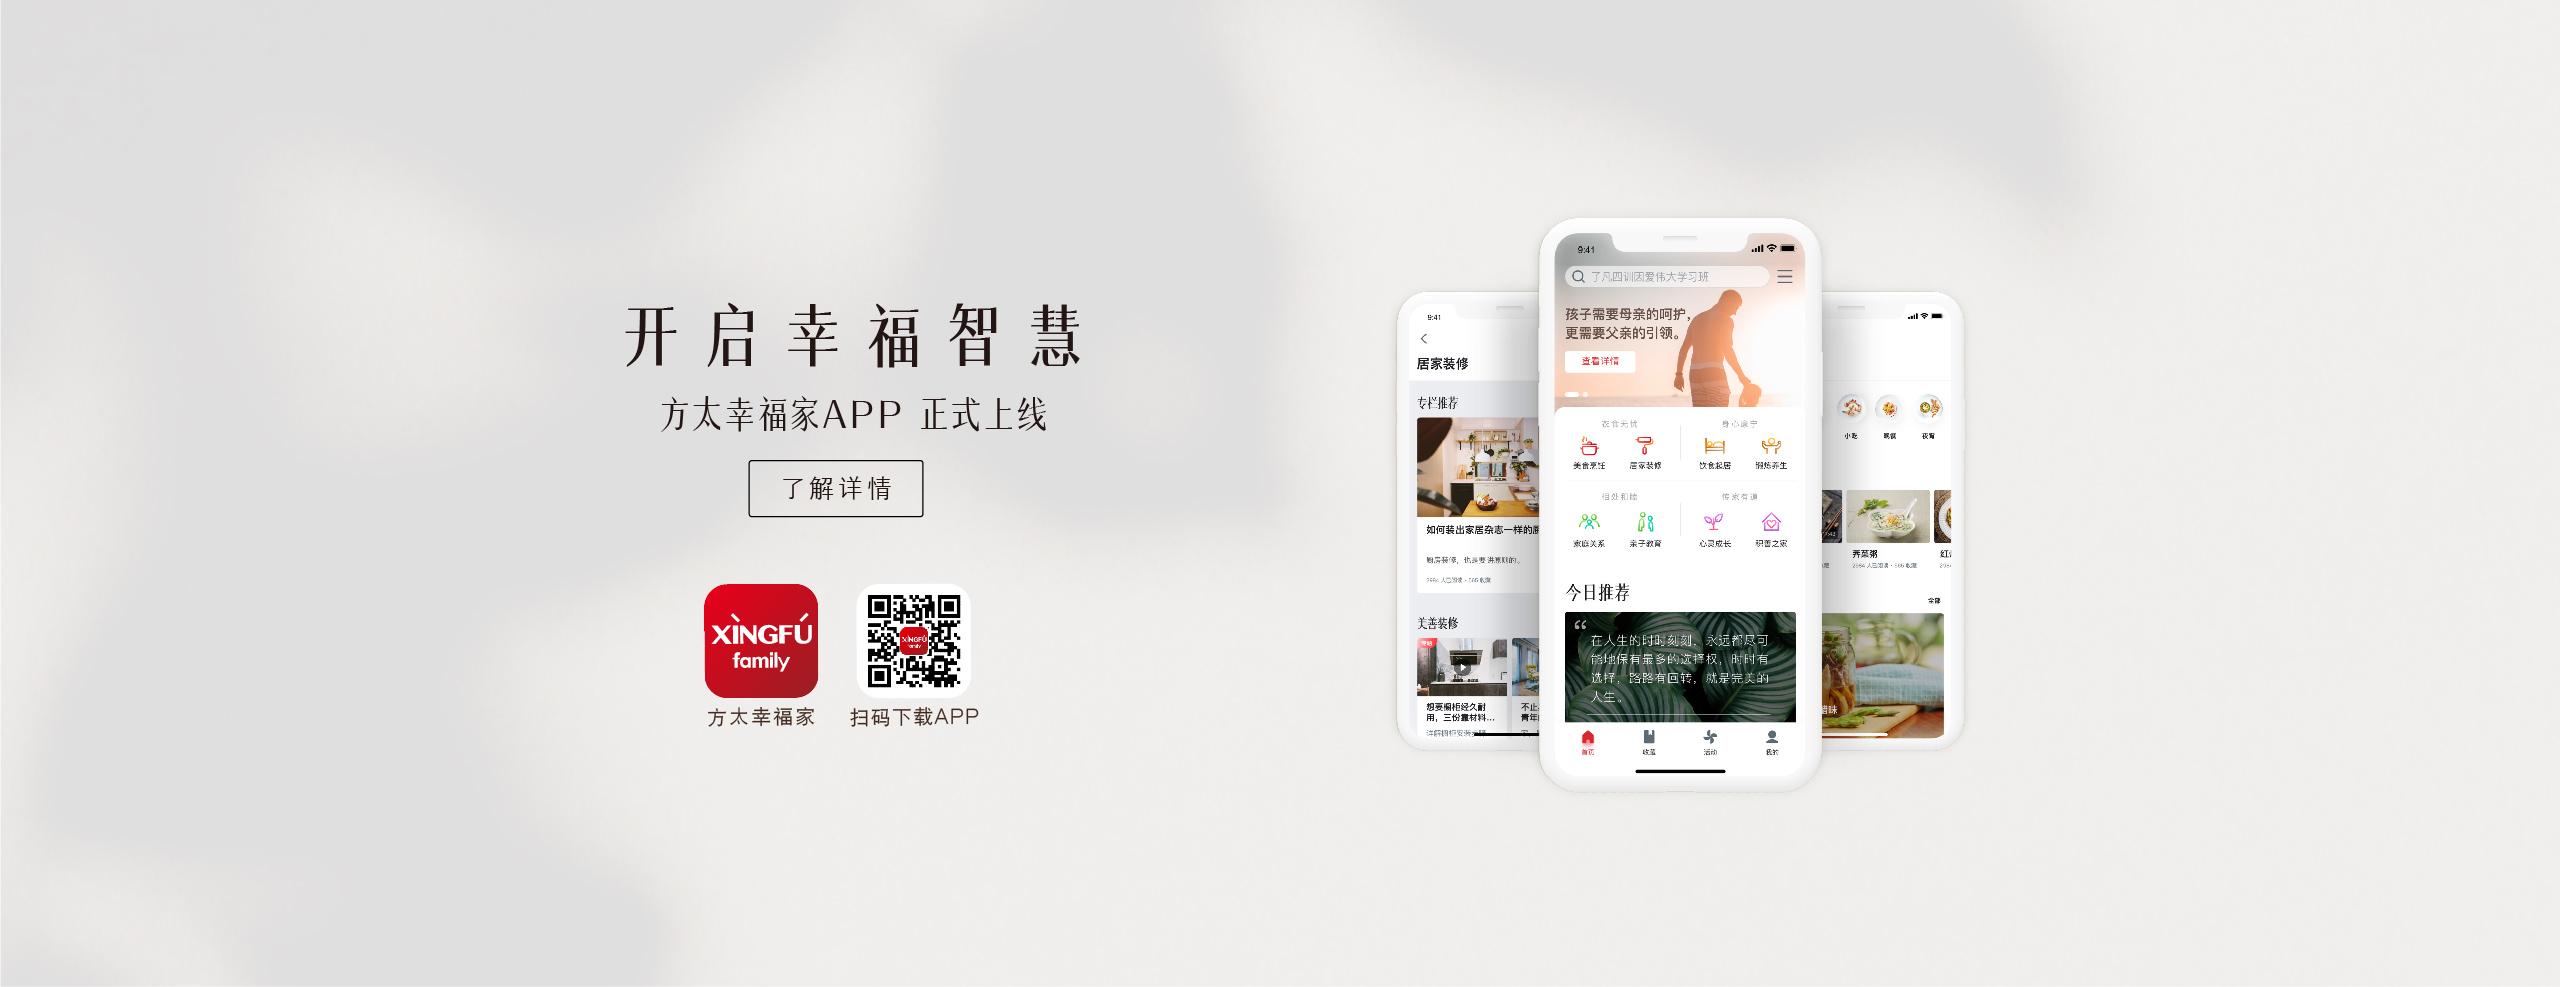 方太幸福家app 幸福的智慧 - FOTILE方太厨房电器官方网站